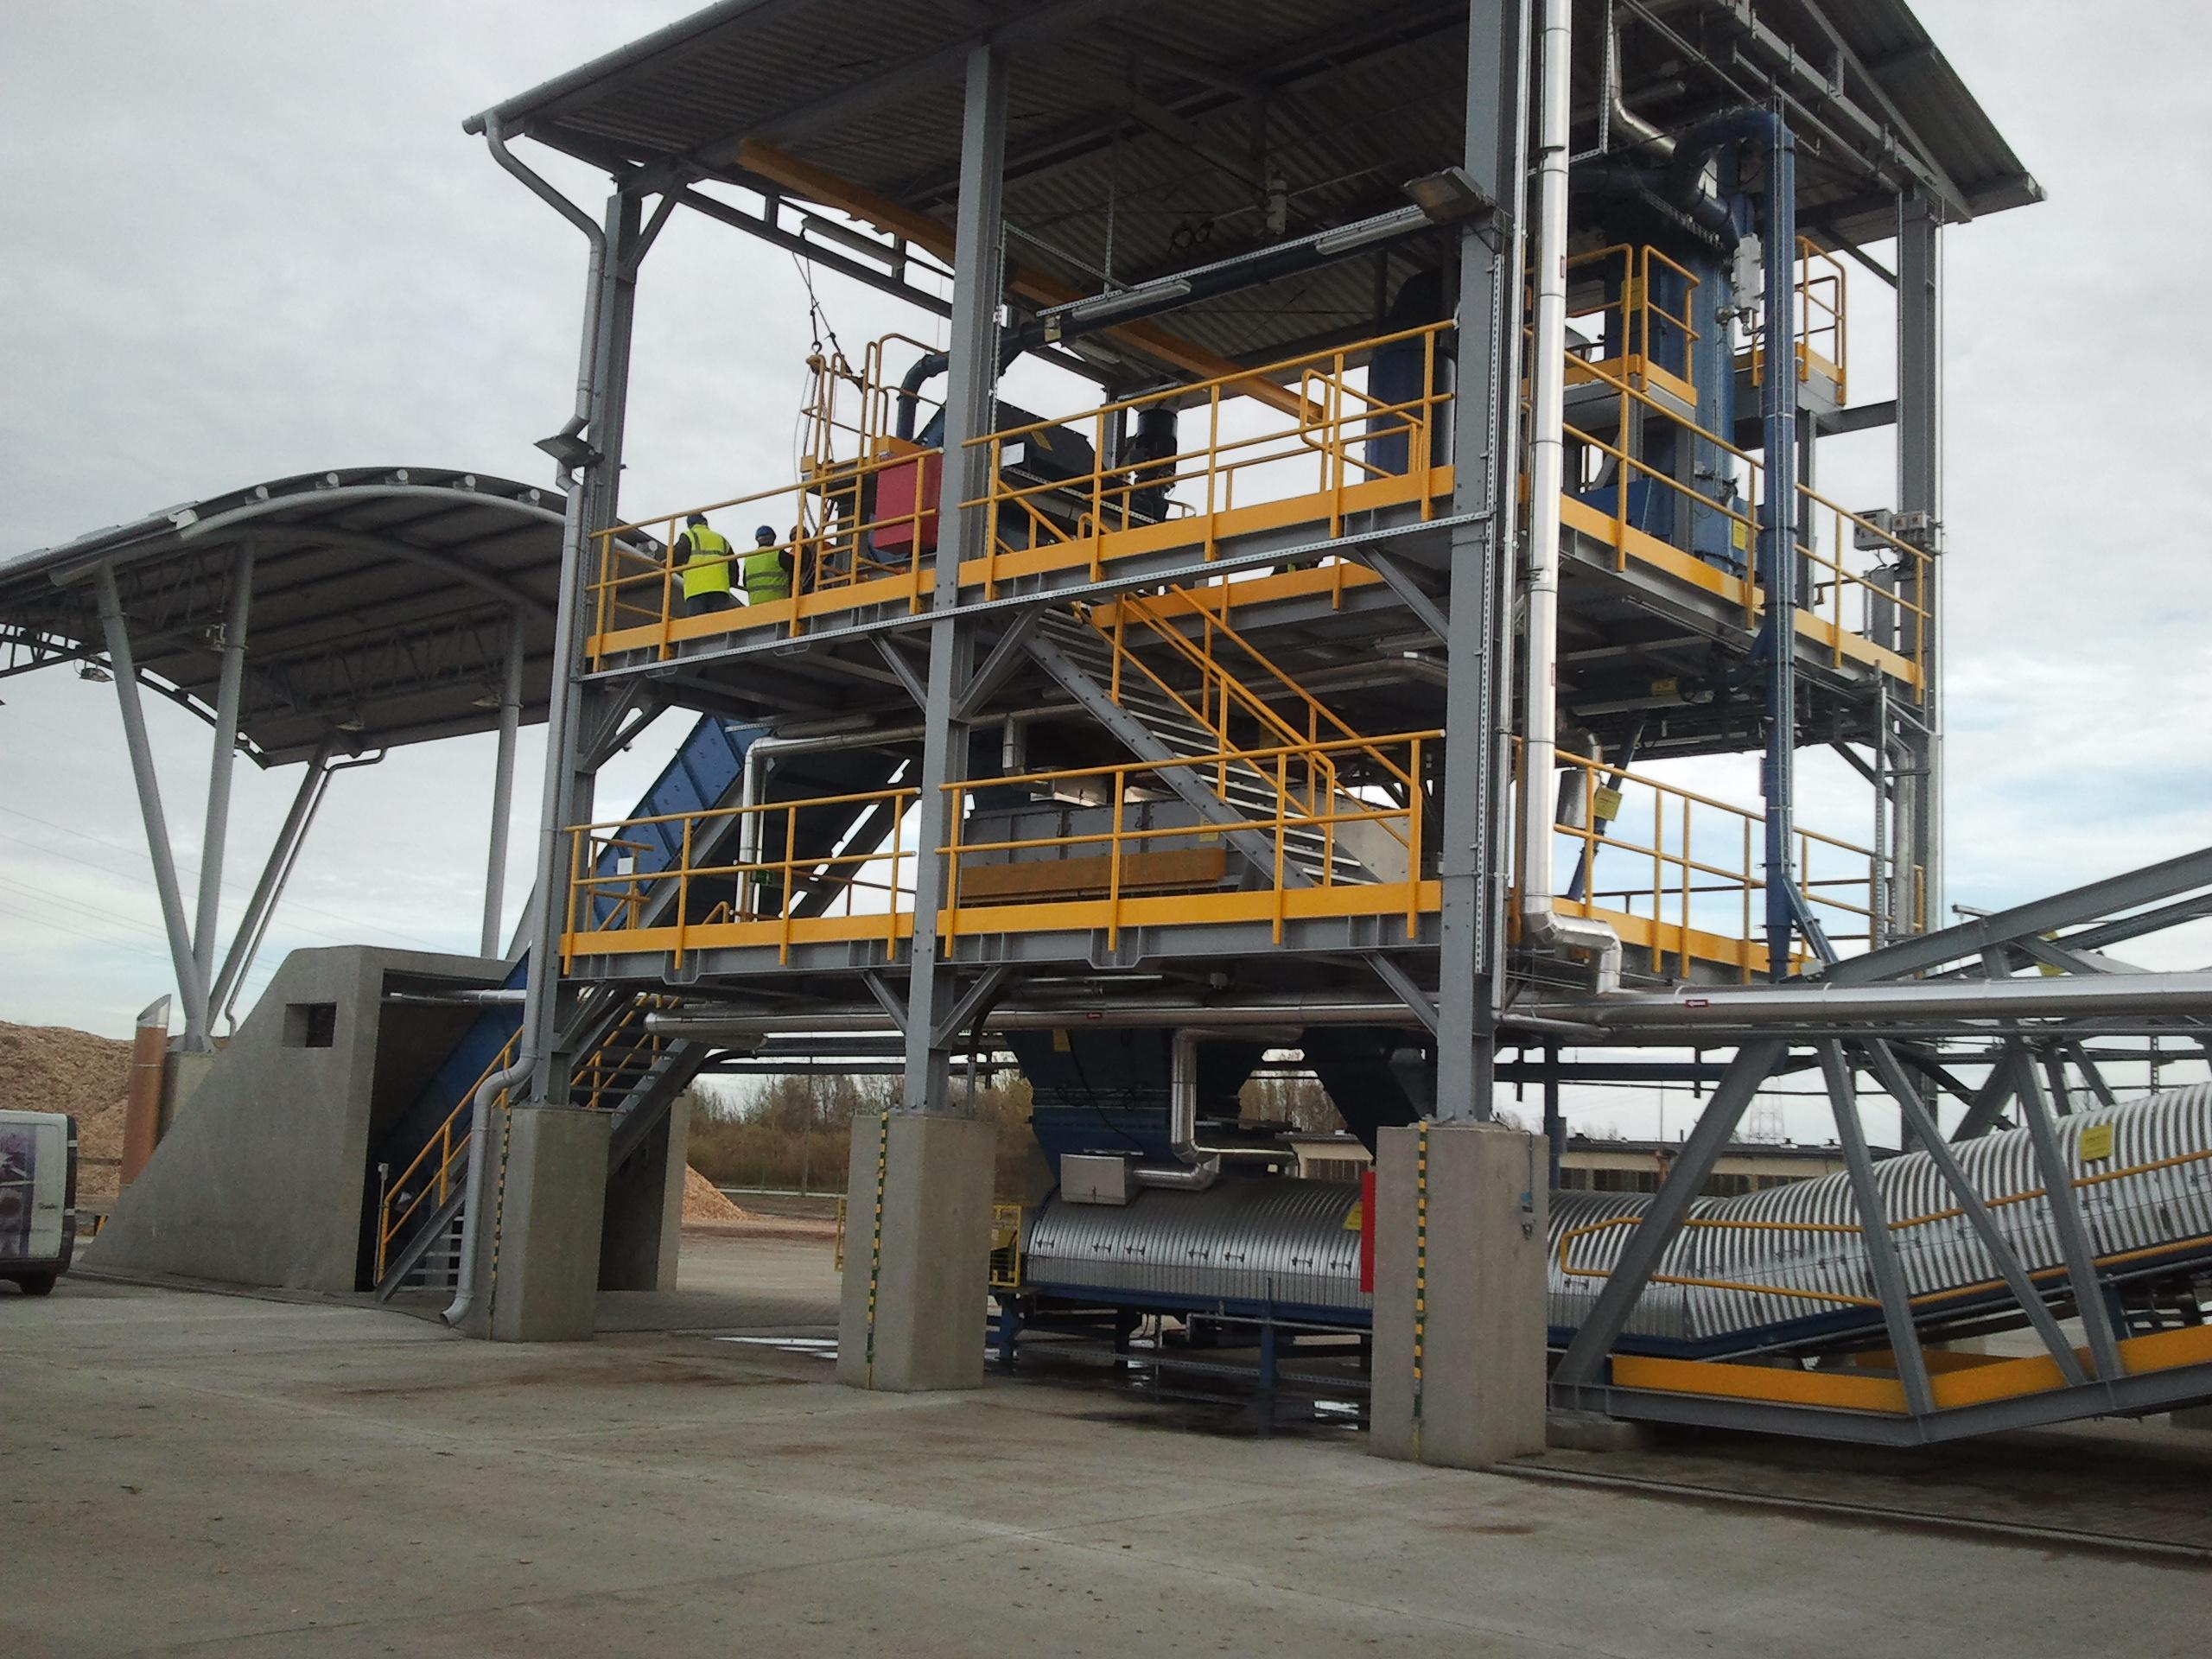 technologia-biomasy-leśnej-Elektrownia-Połaniec-2013-11-04-13.09.47.jpg